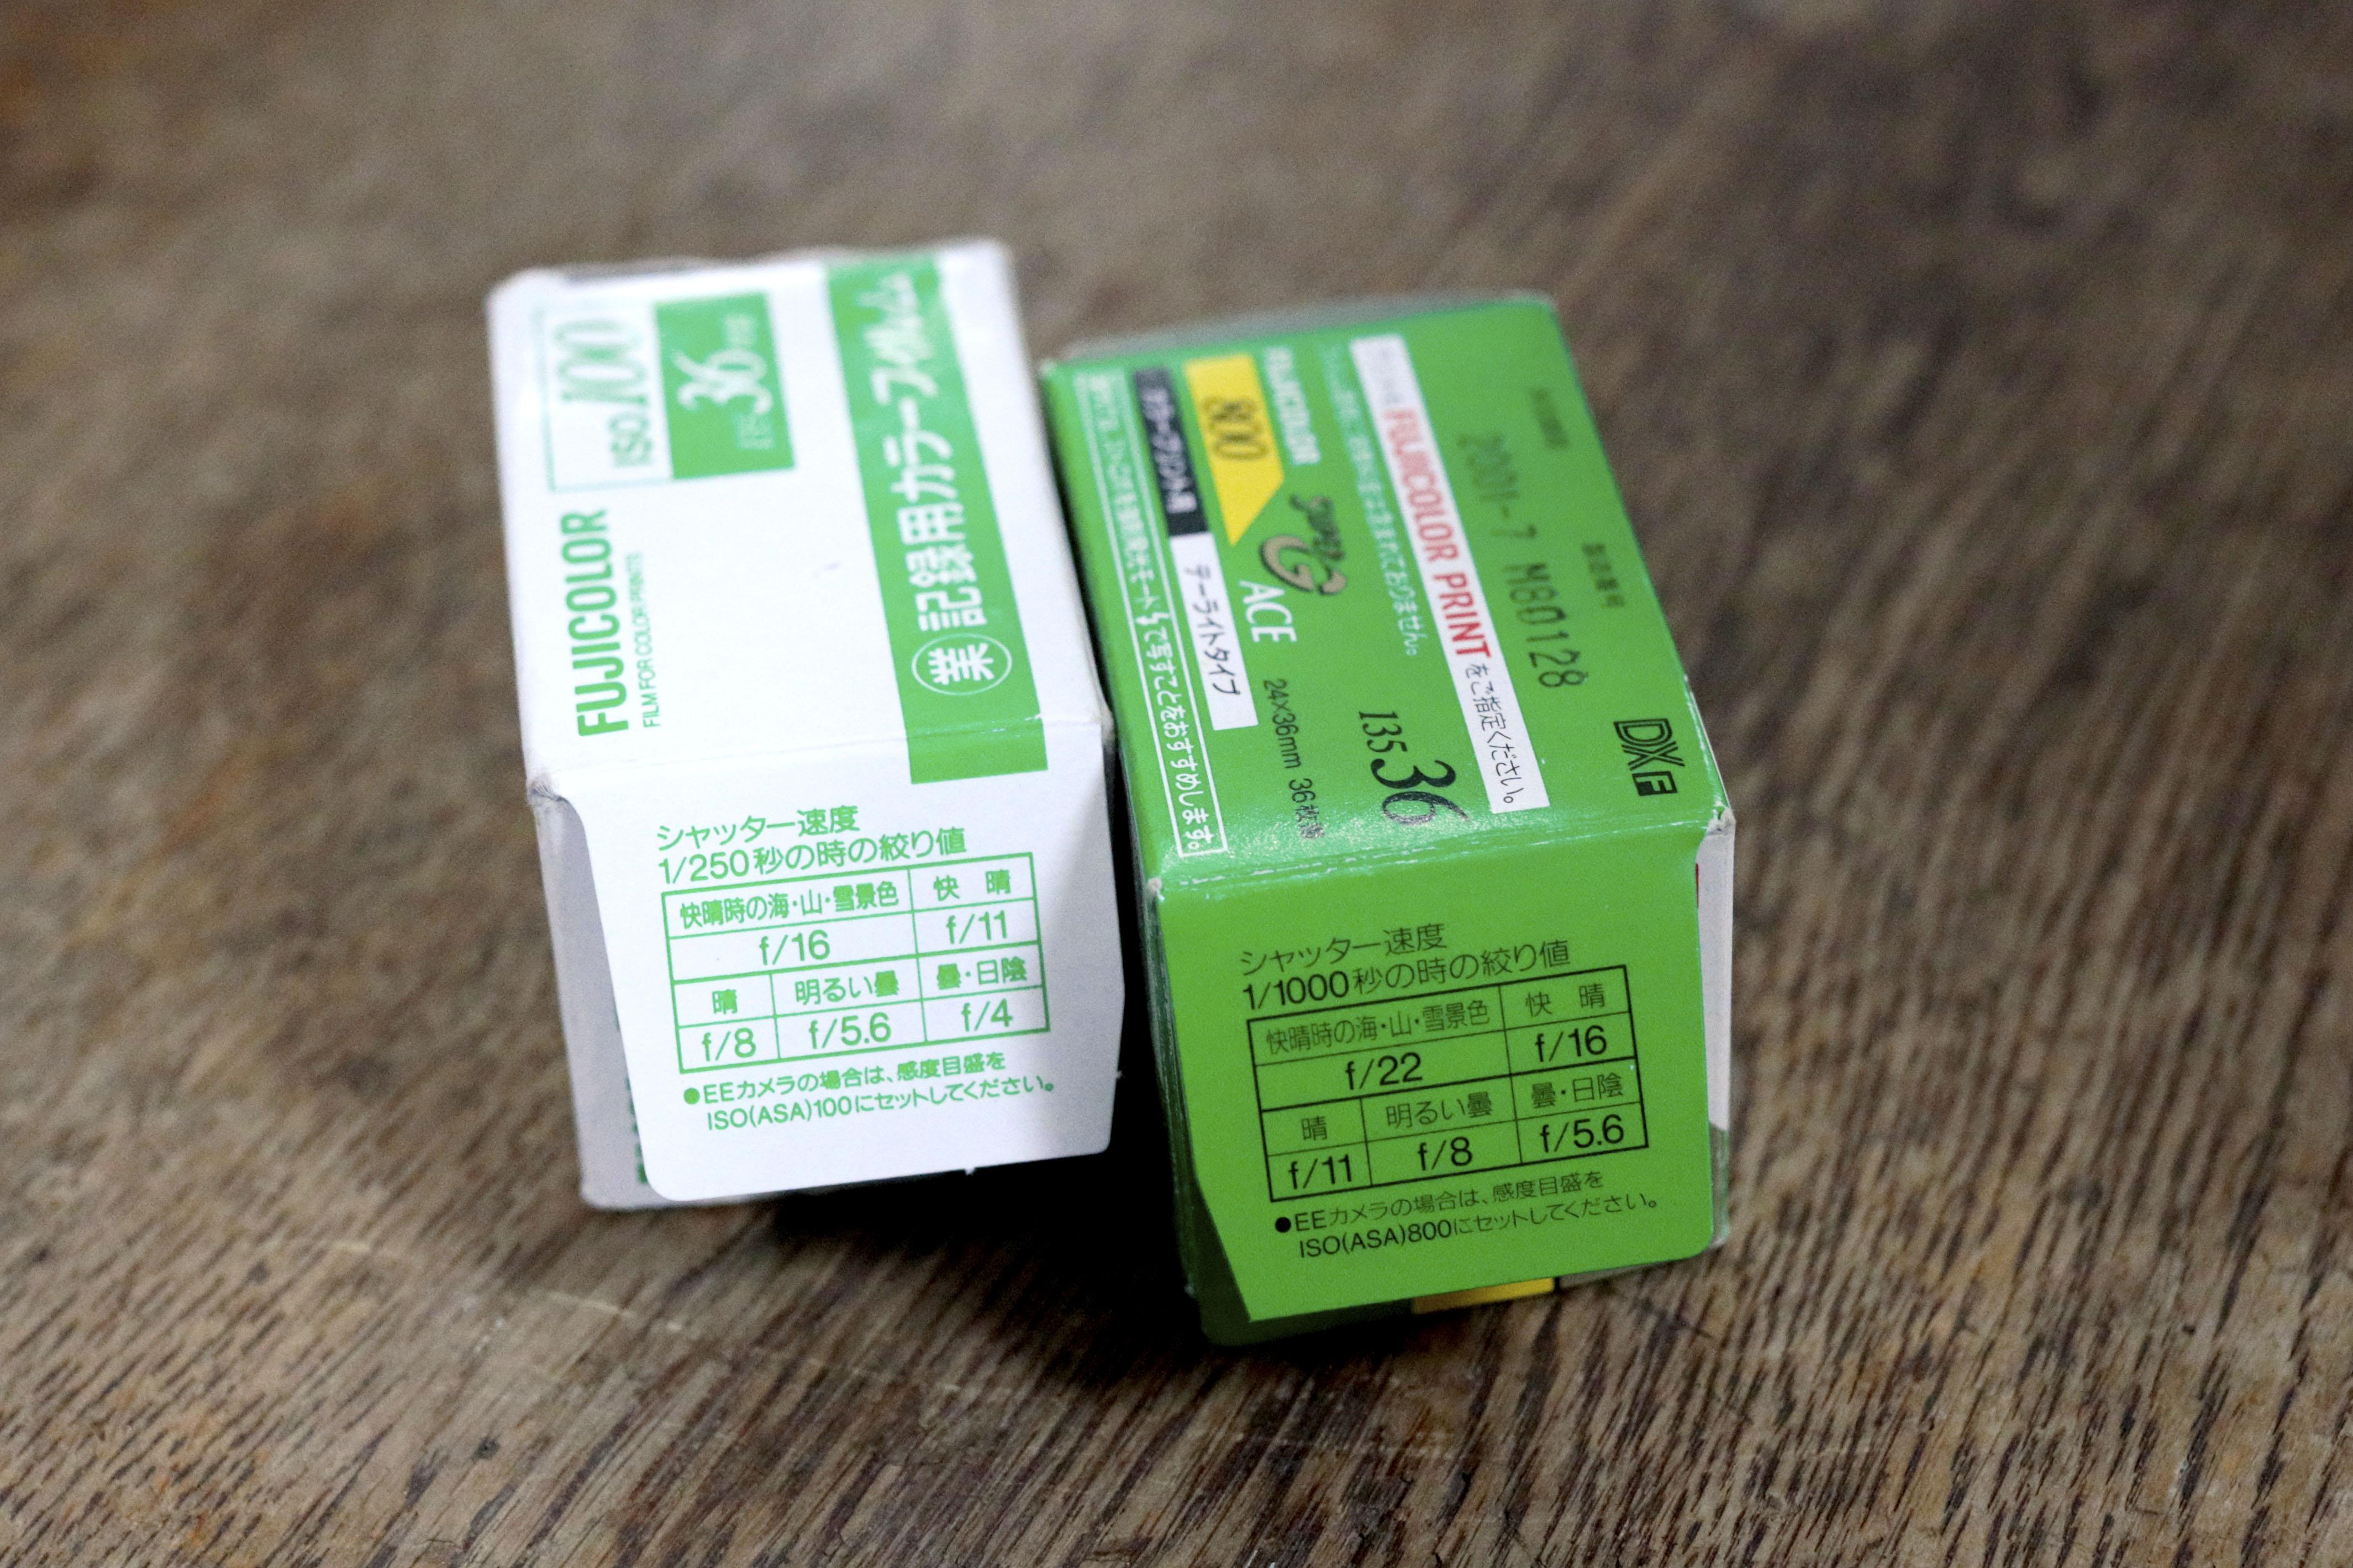 フィルムカメラ/写真の魅力 フィルム箱